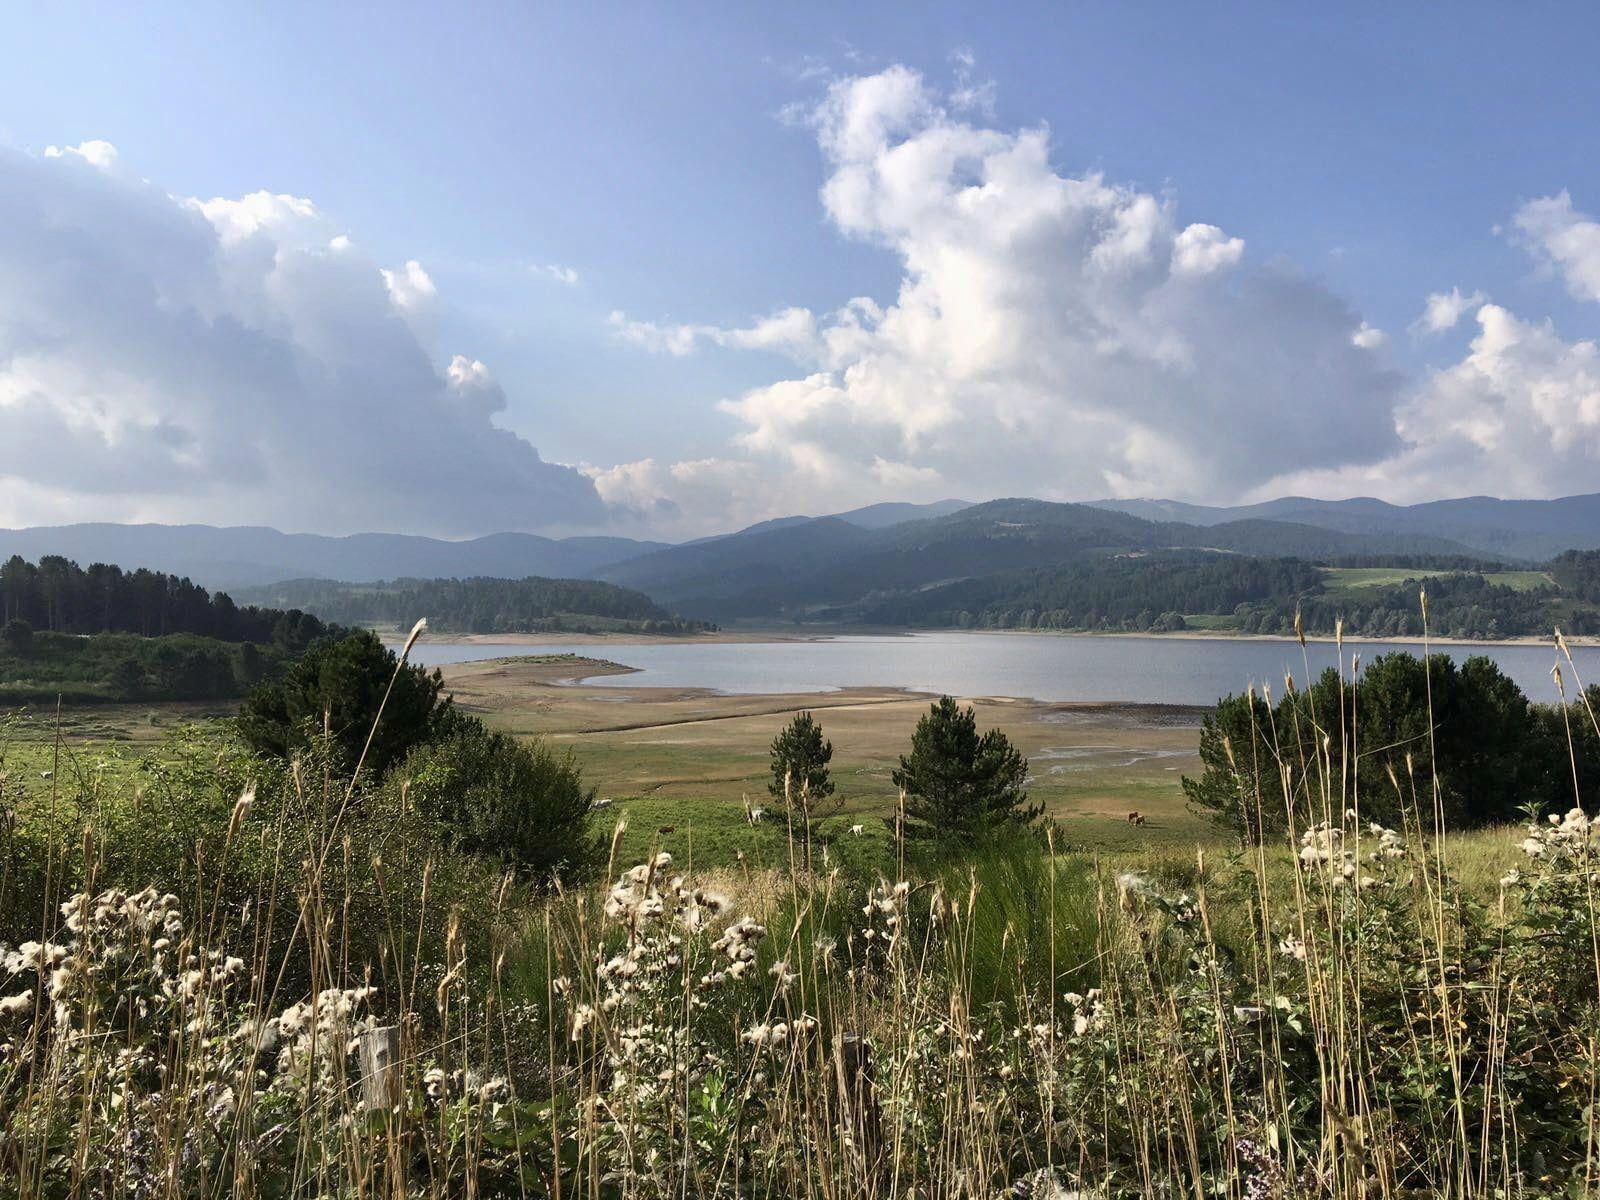 L'enogastronomia e il collegamento turistico mare-monti: l'impegno del Parco della Sila